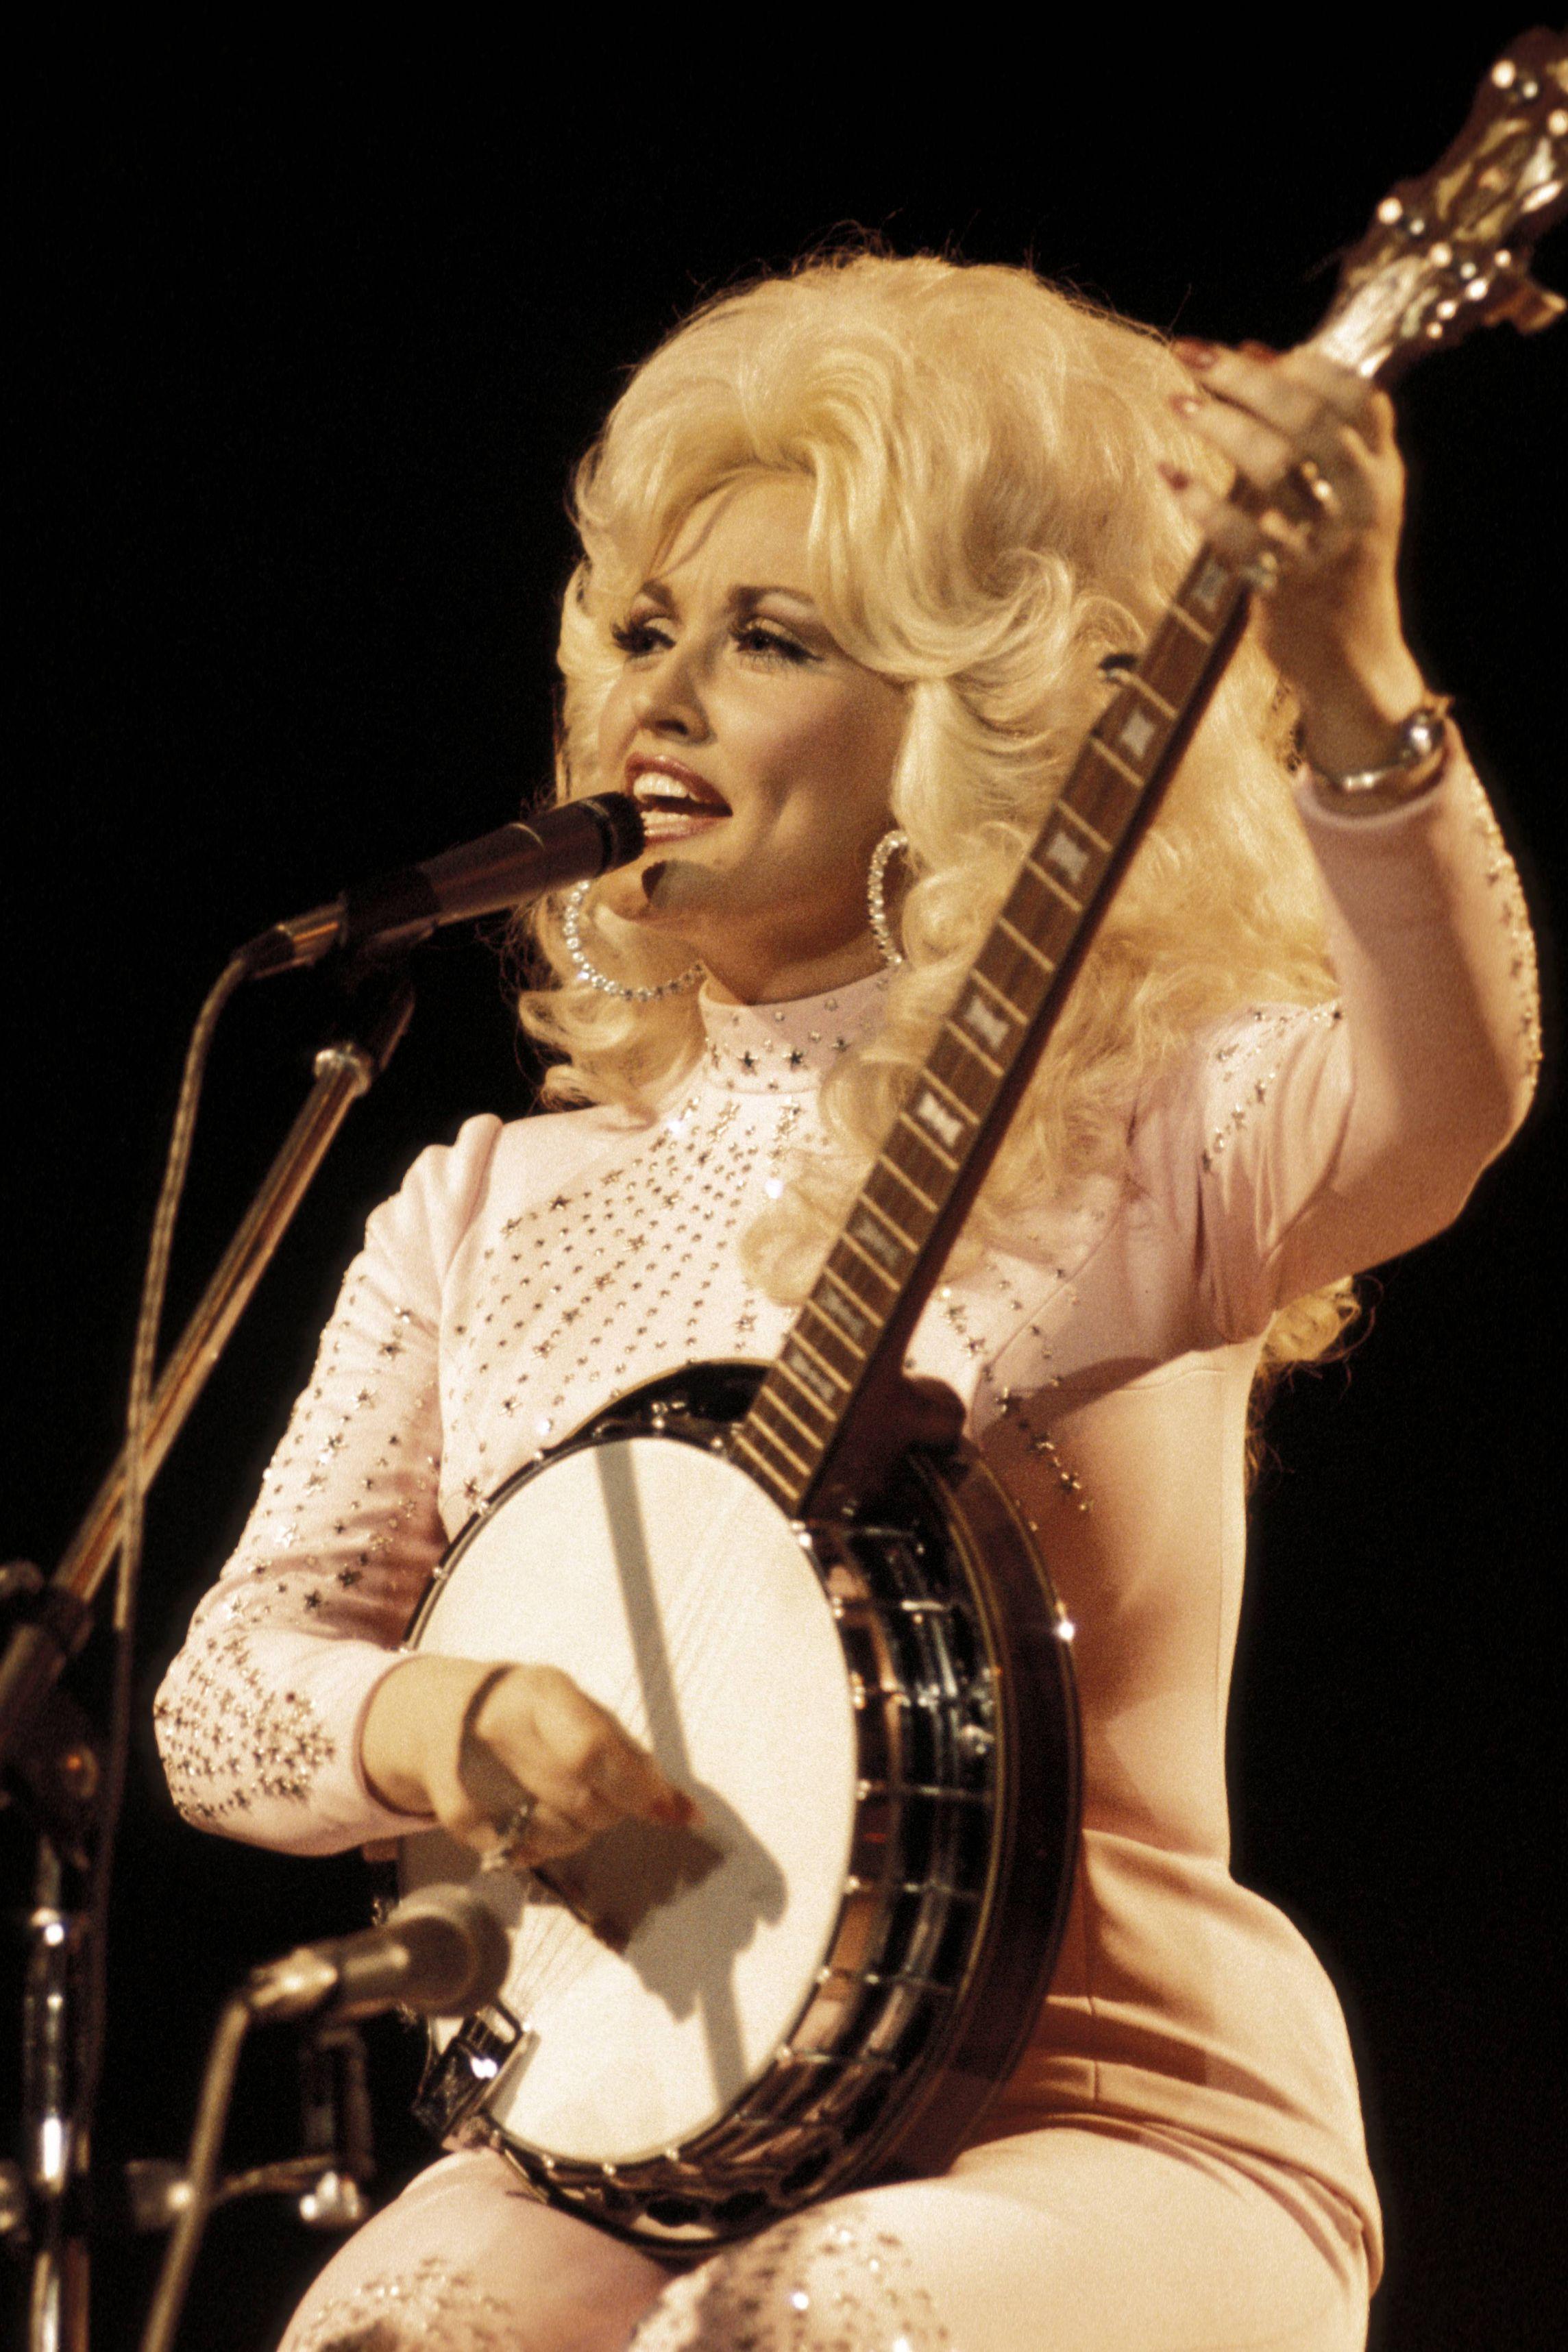 Dolly Parton Photos That Will Give You Life - Vintage Dolly Parton Photos